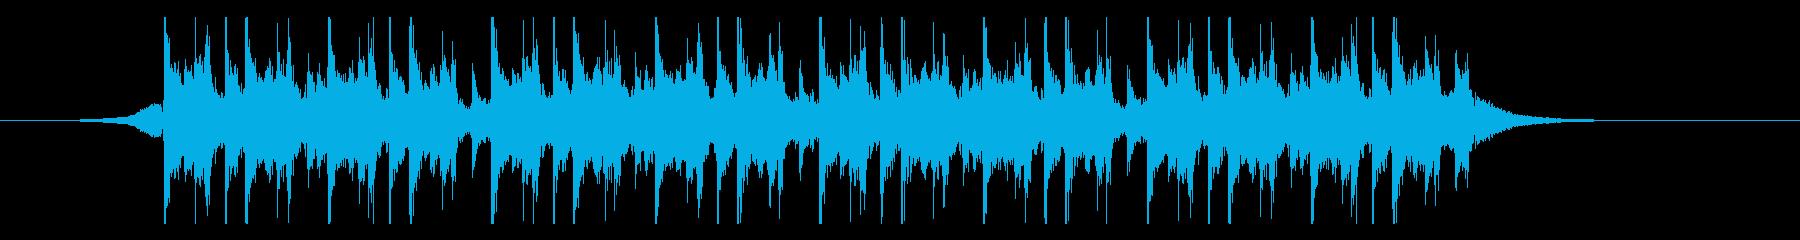 ラマダン(26秒)の再生済みの波形